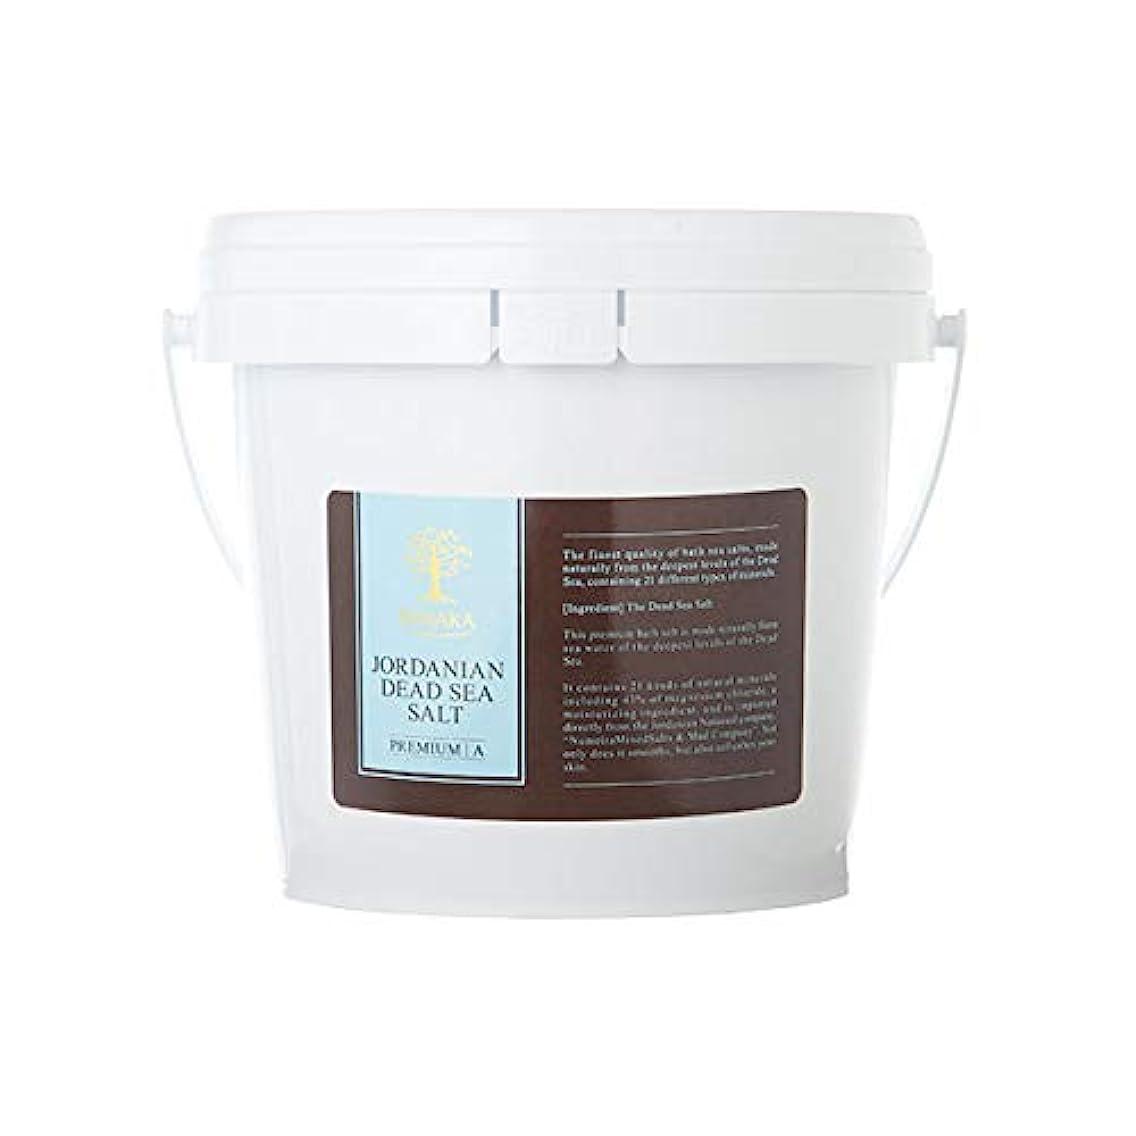 銀河現実負担BARAKA(バラカ) ジョルダニアン デッドシー ソルト バケツ 1.5kg バスソルト 入浴剤 ヨルダン産死海塩100%